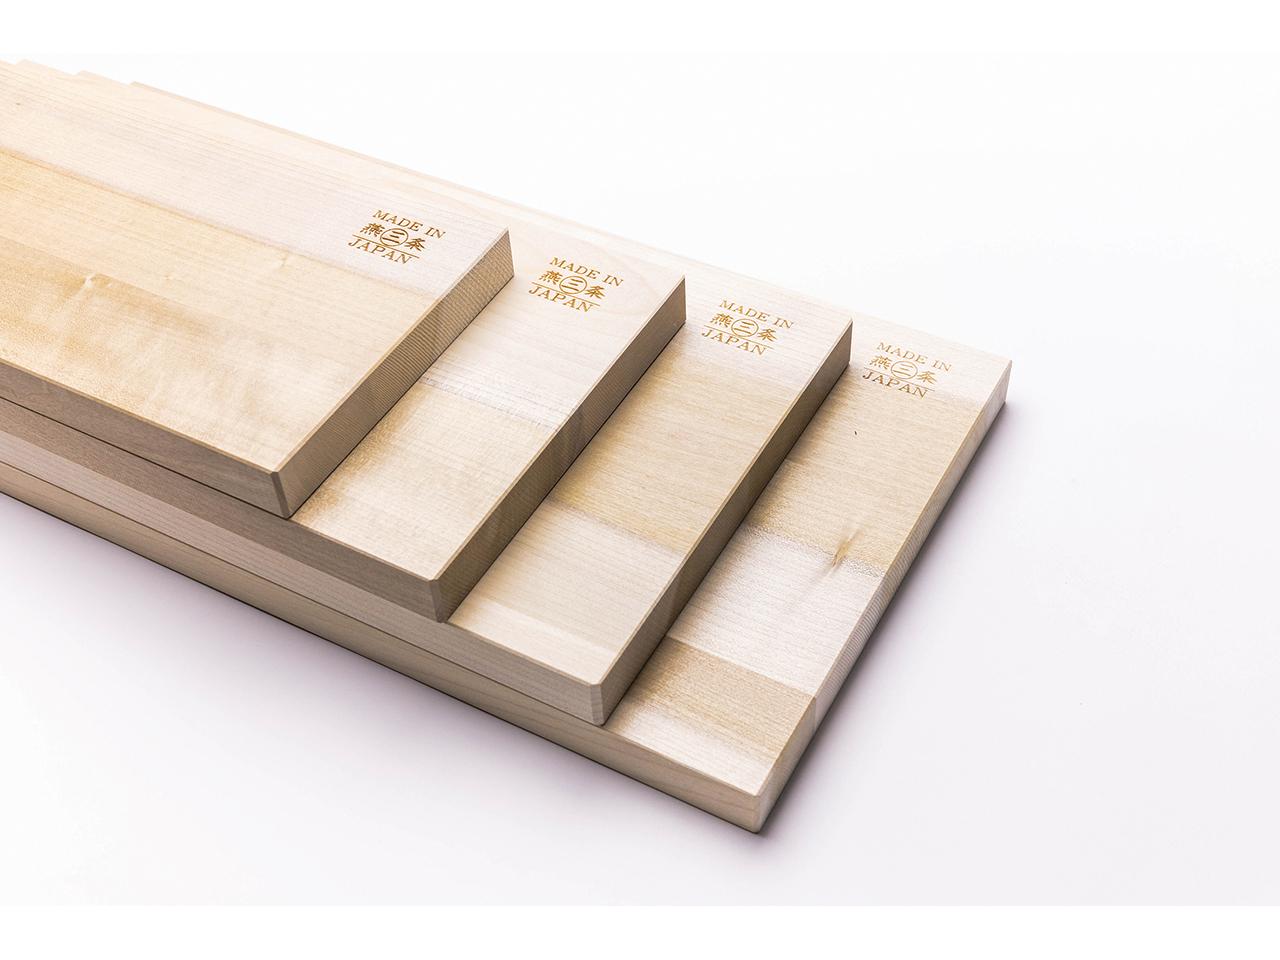 木製まな板 「ほおの木まな板 長さ48×幅24cm(厚み2.4cm)」